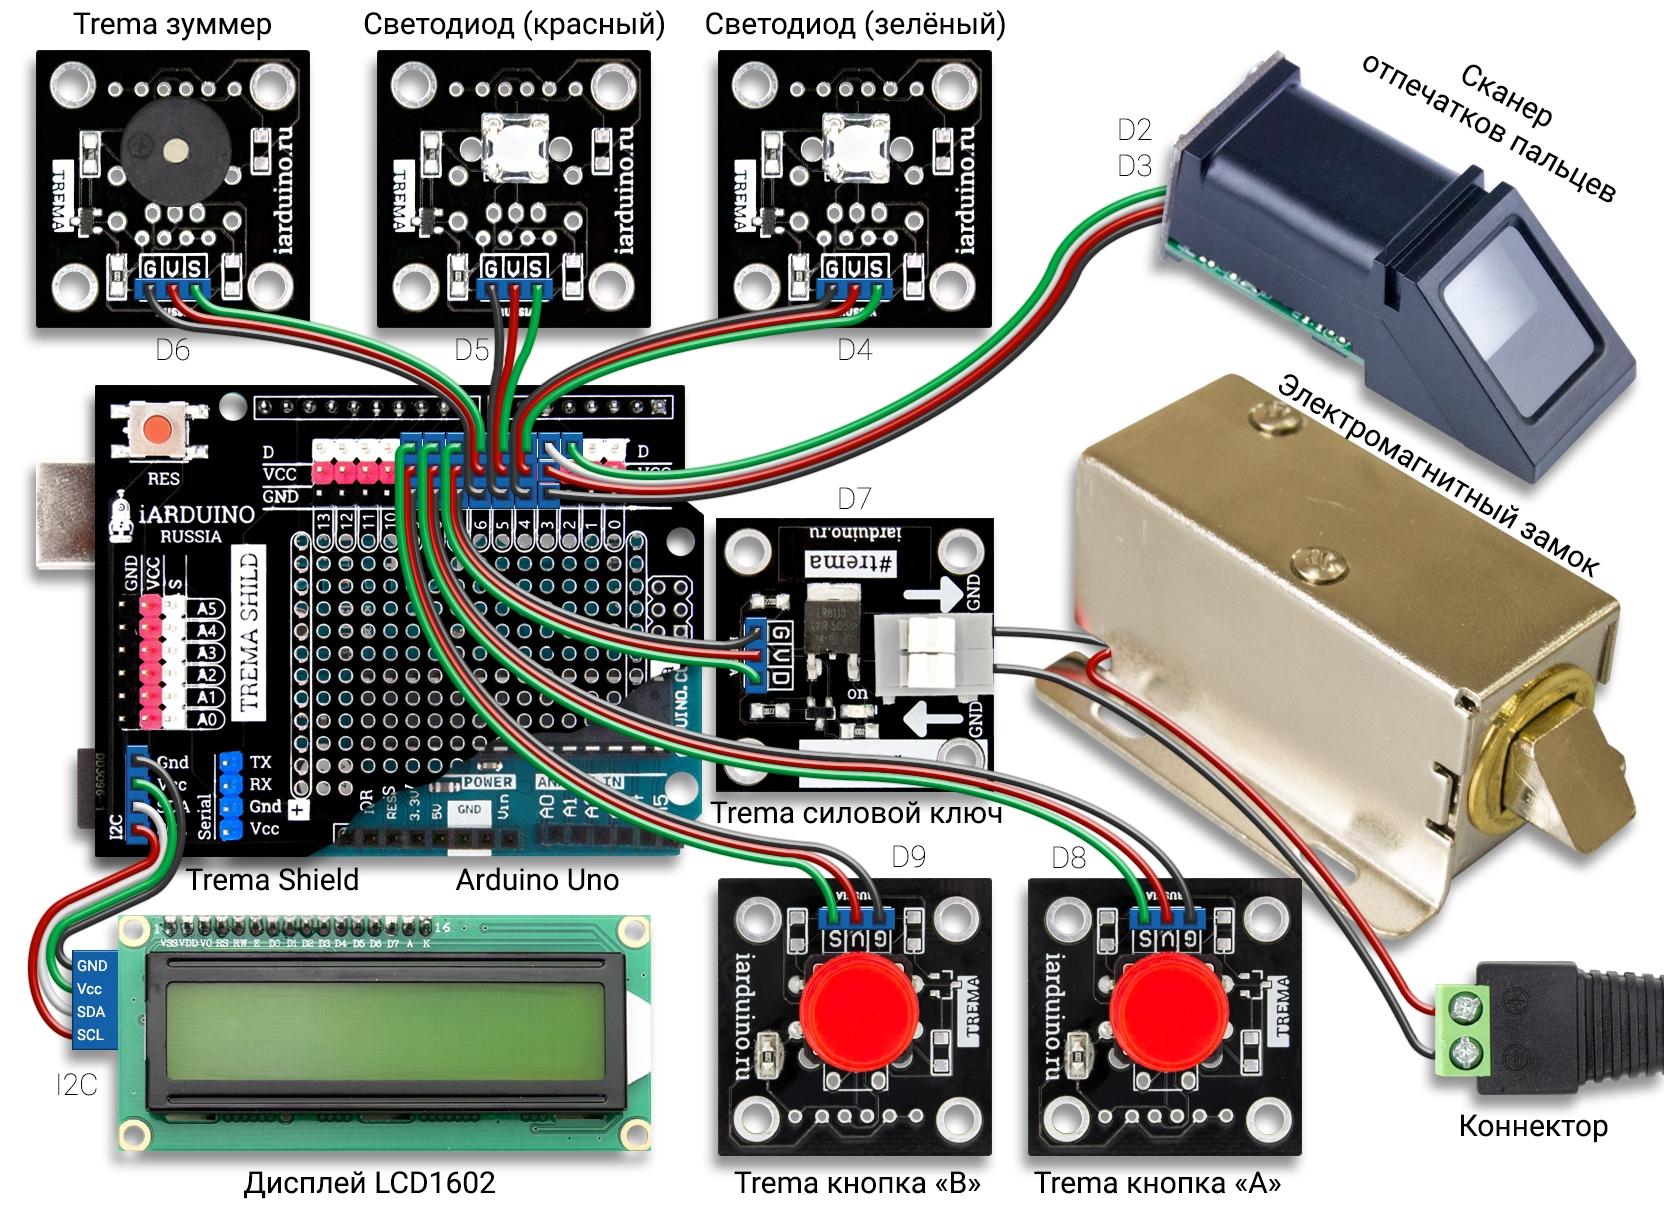 Контроль доступа по отпечатку пальца - схема на arduino